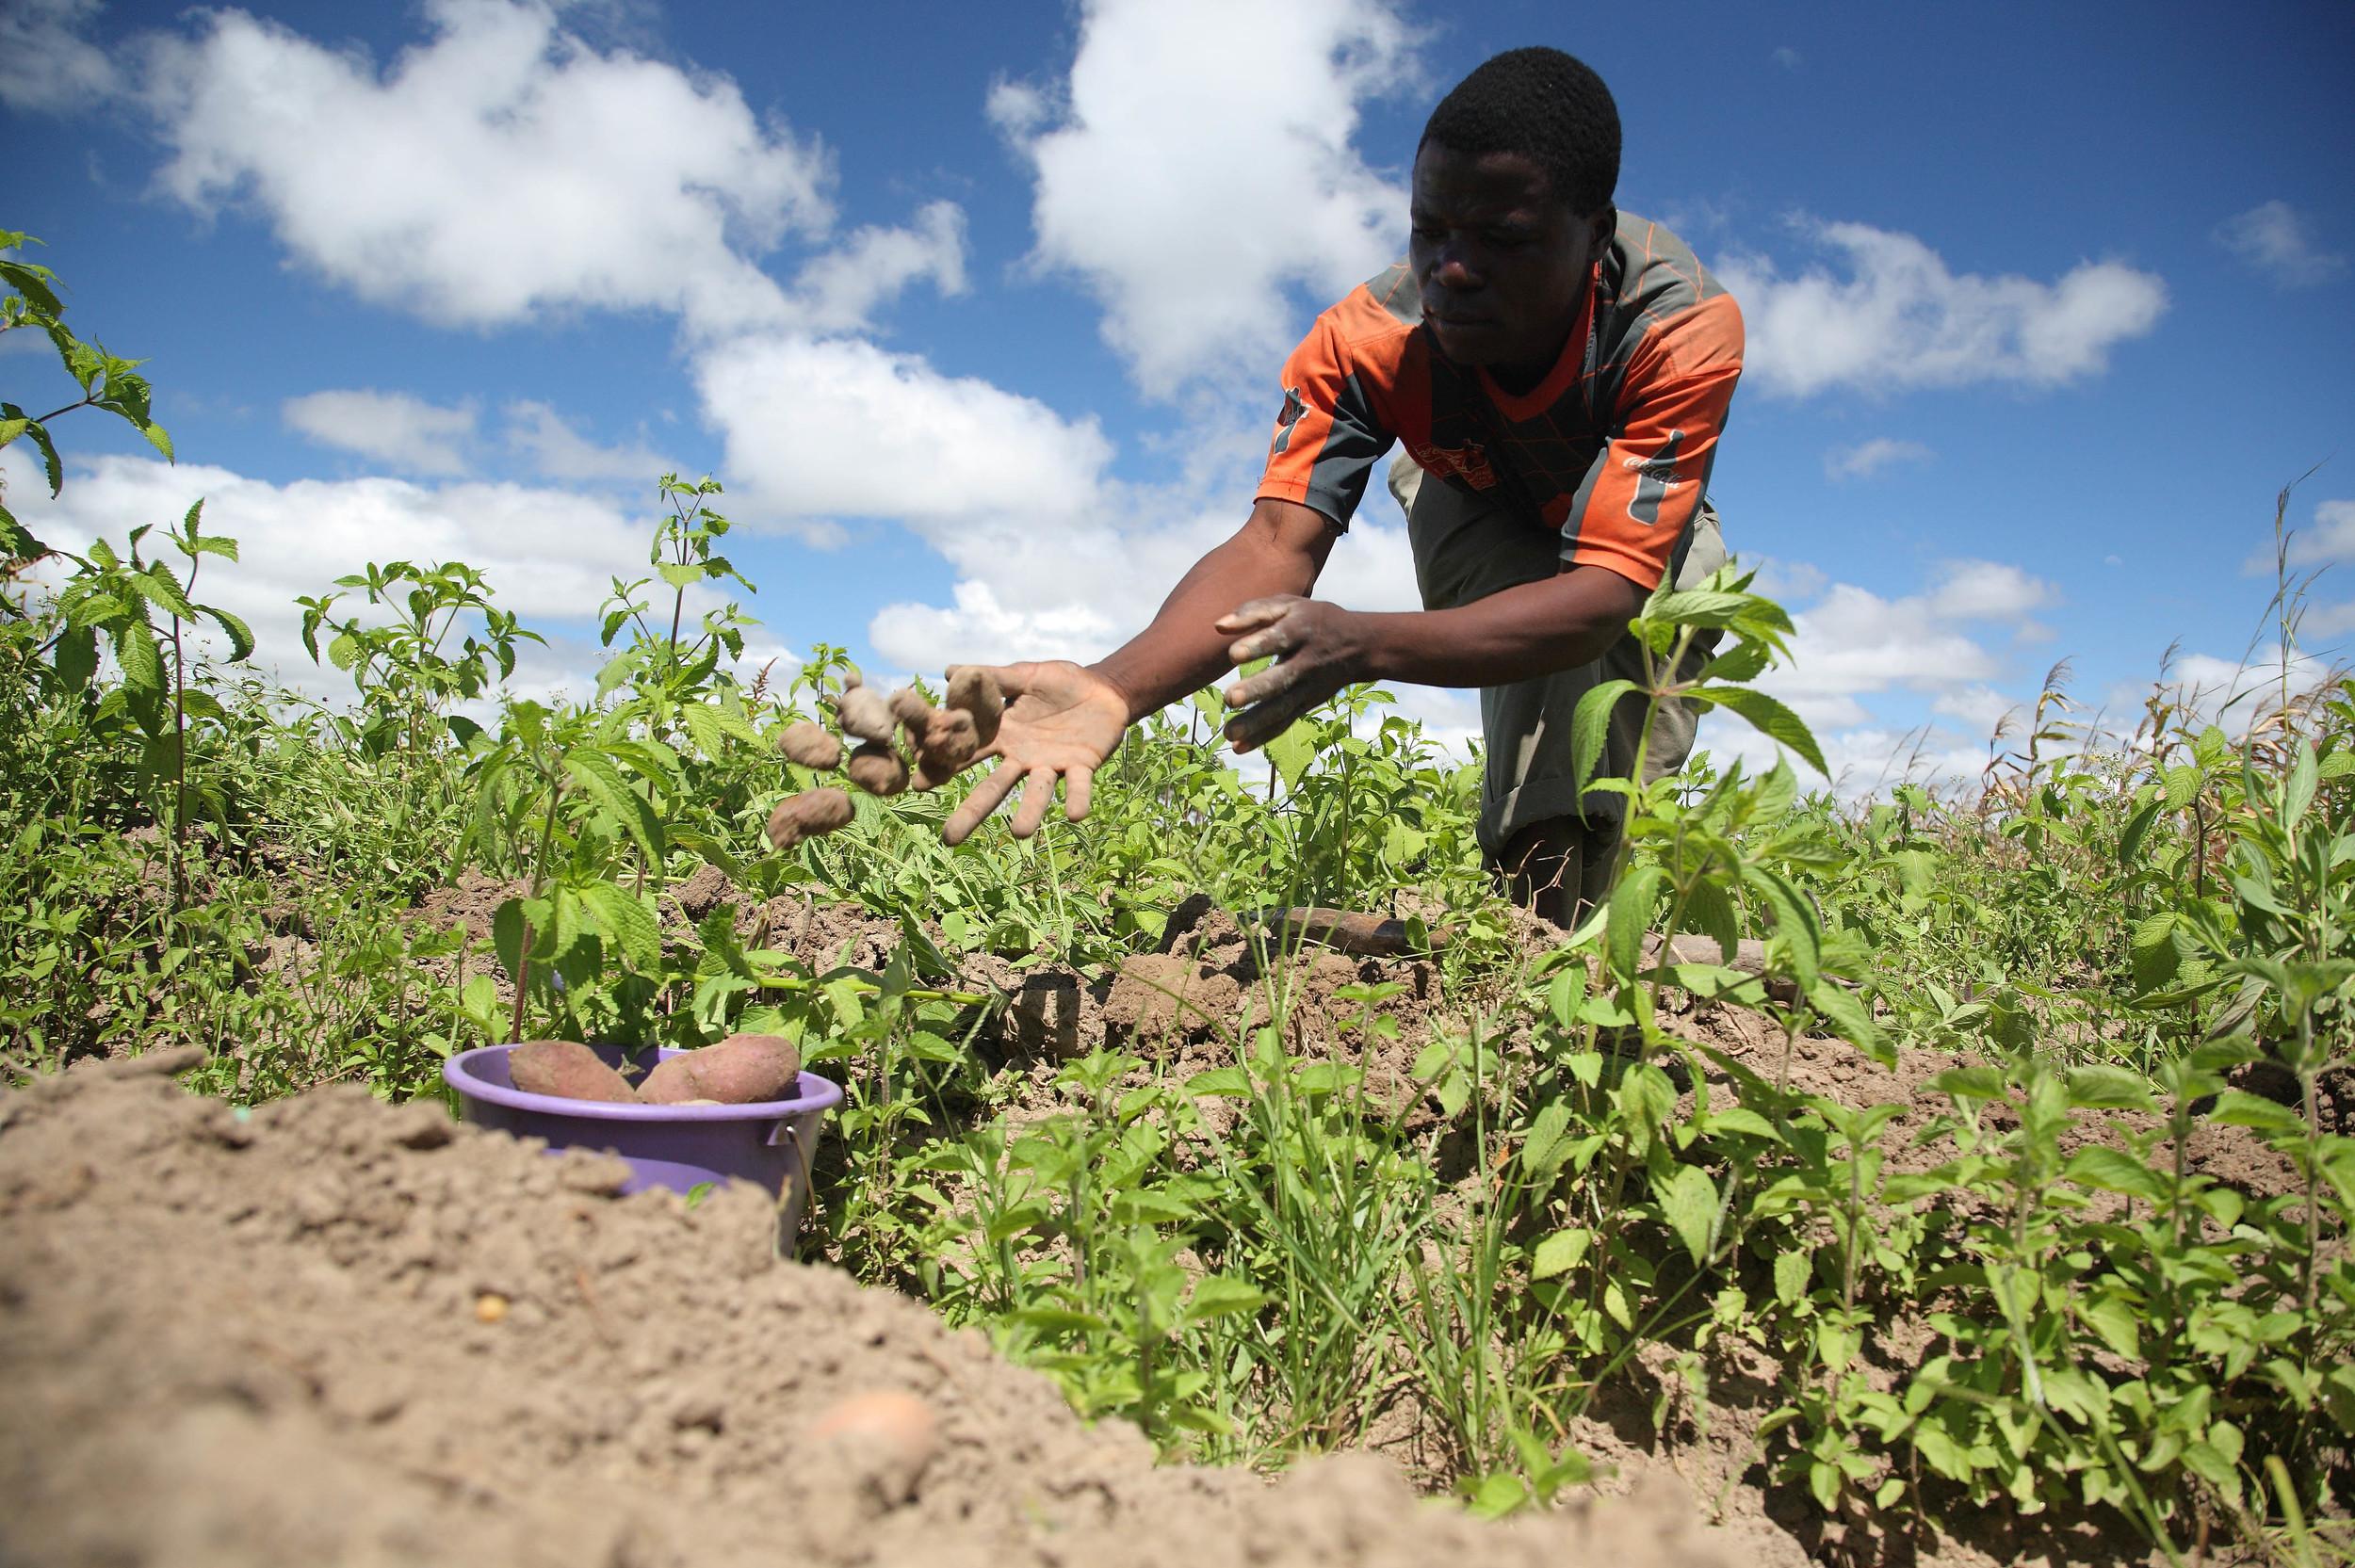 via africangreenmedia.co.za